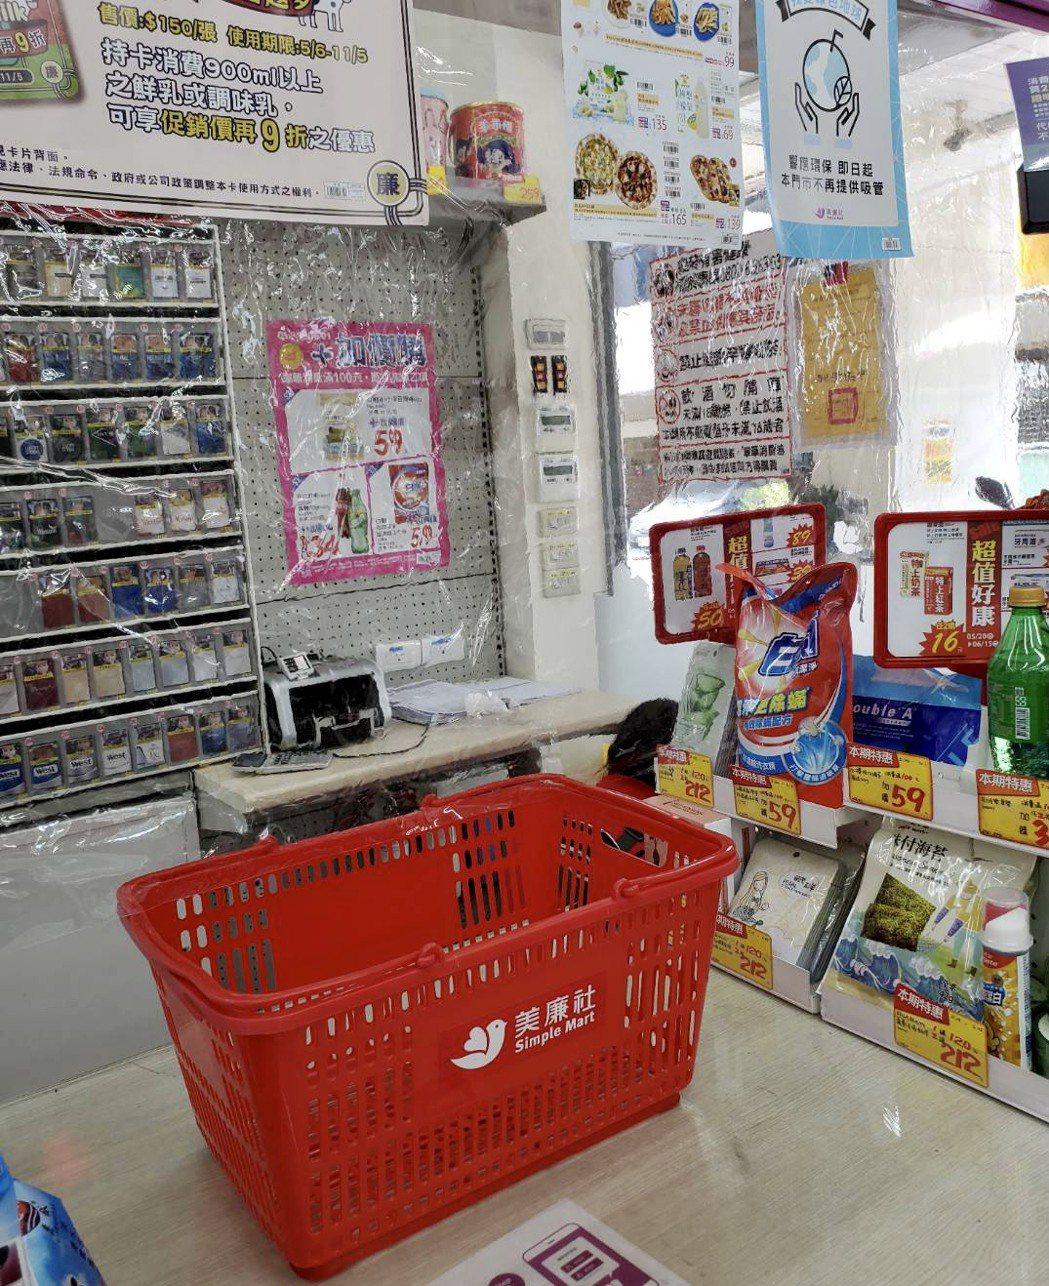 美廉社於櫃台加設塑膠保護隔間,離購物籃留20公分間距,增加櫃檯人員與消費者的防疫...